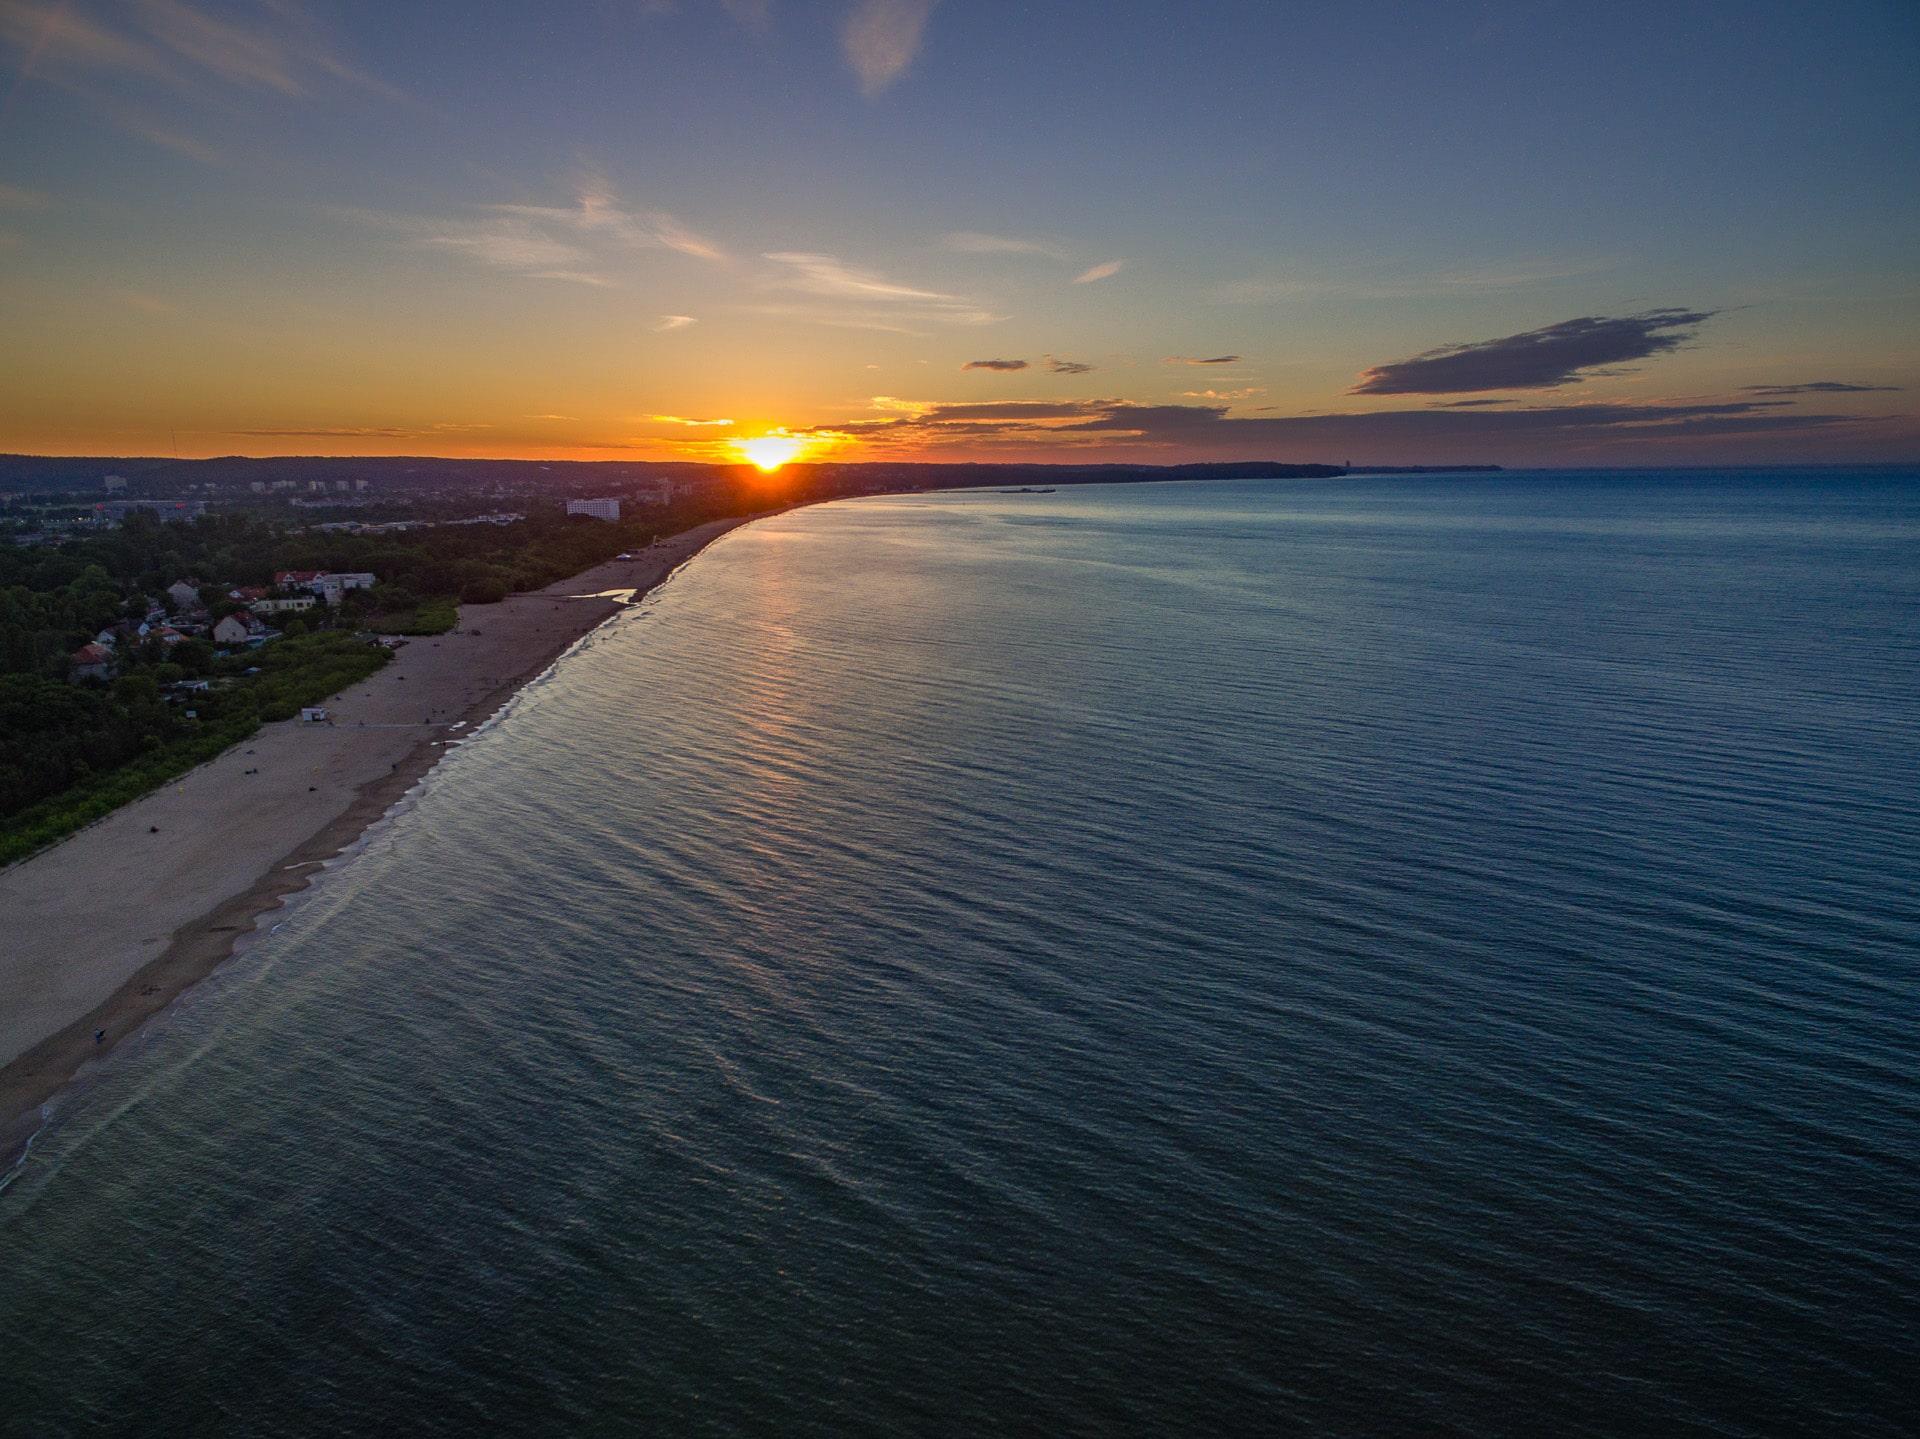 Zachód słońca nad morzem w Gdańsku